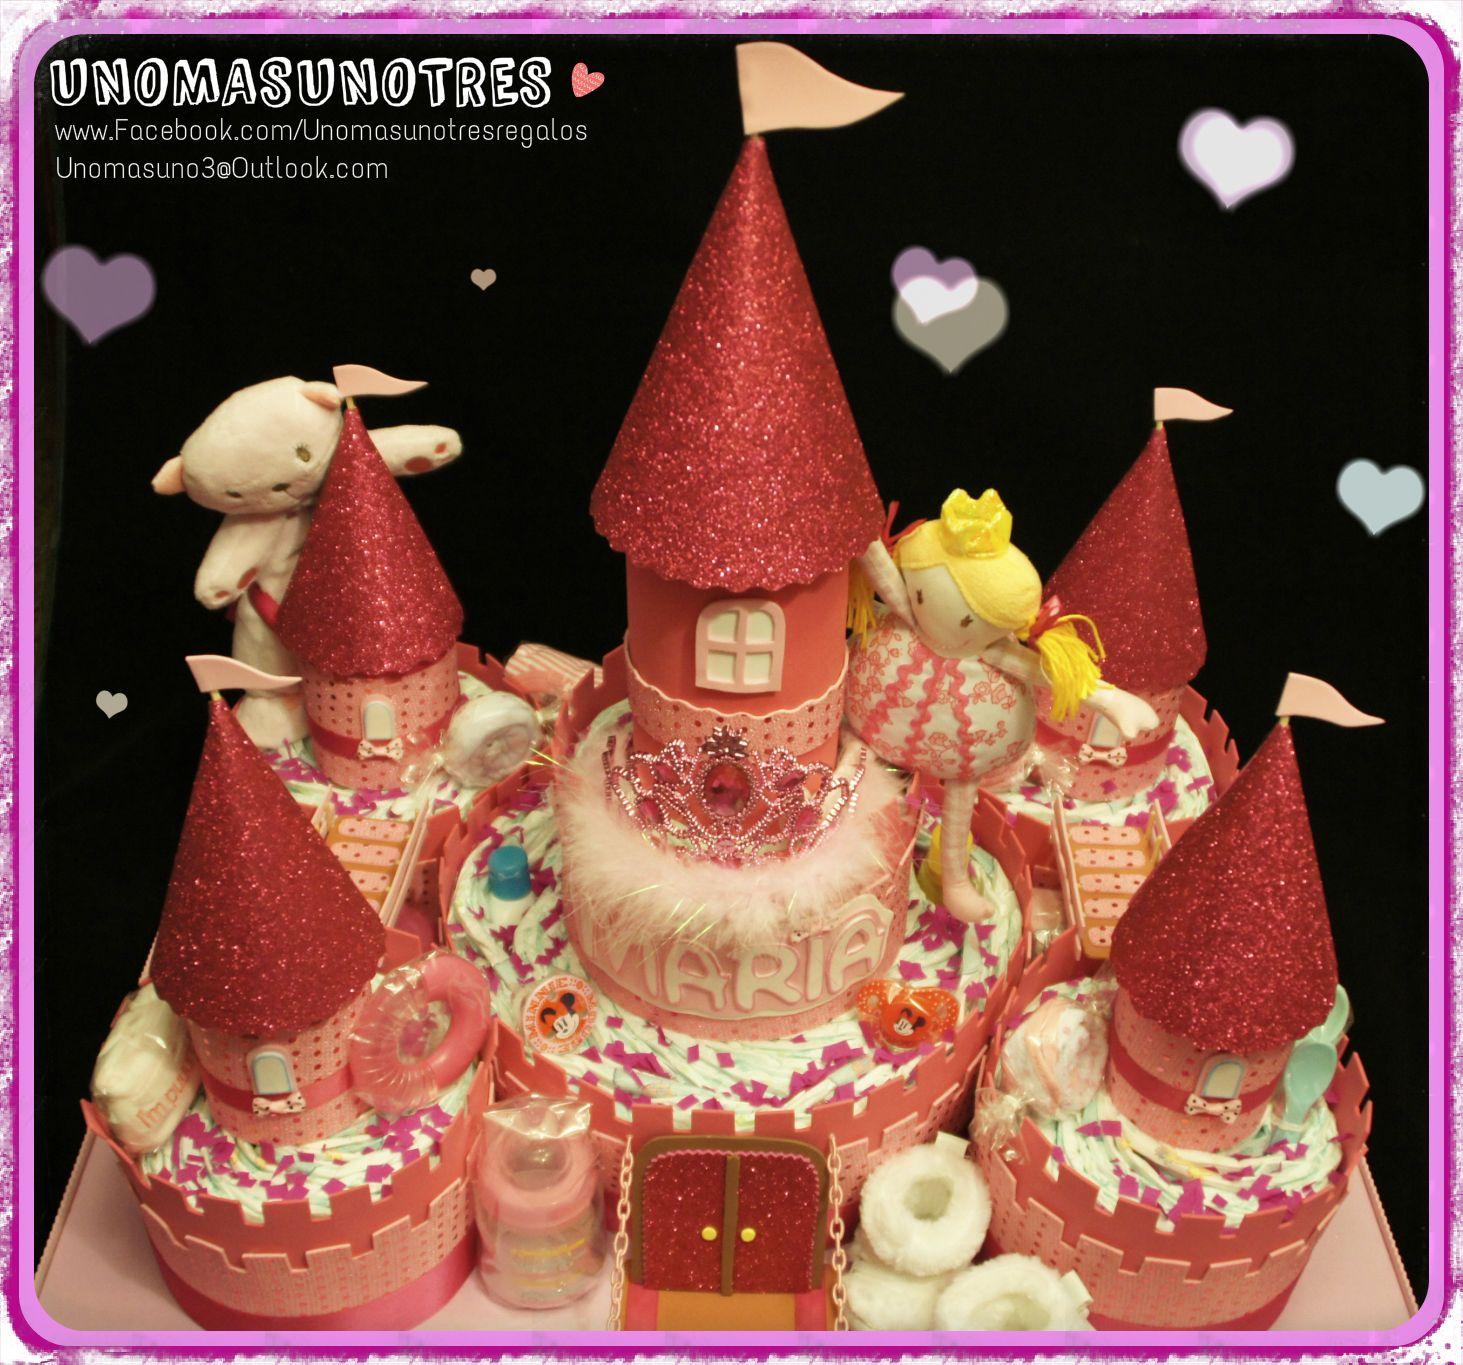 Pasteles / tartas de pañales. Diapers cake www.facebook.com/Unomasunotresregalos